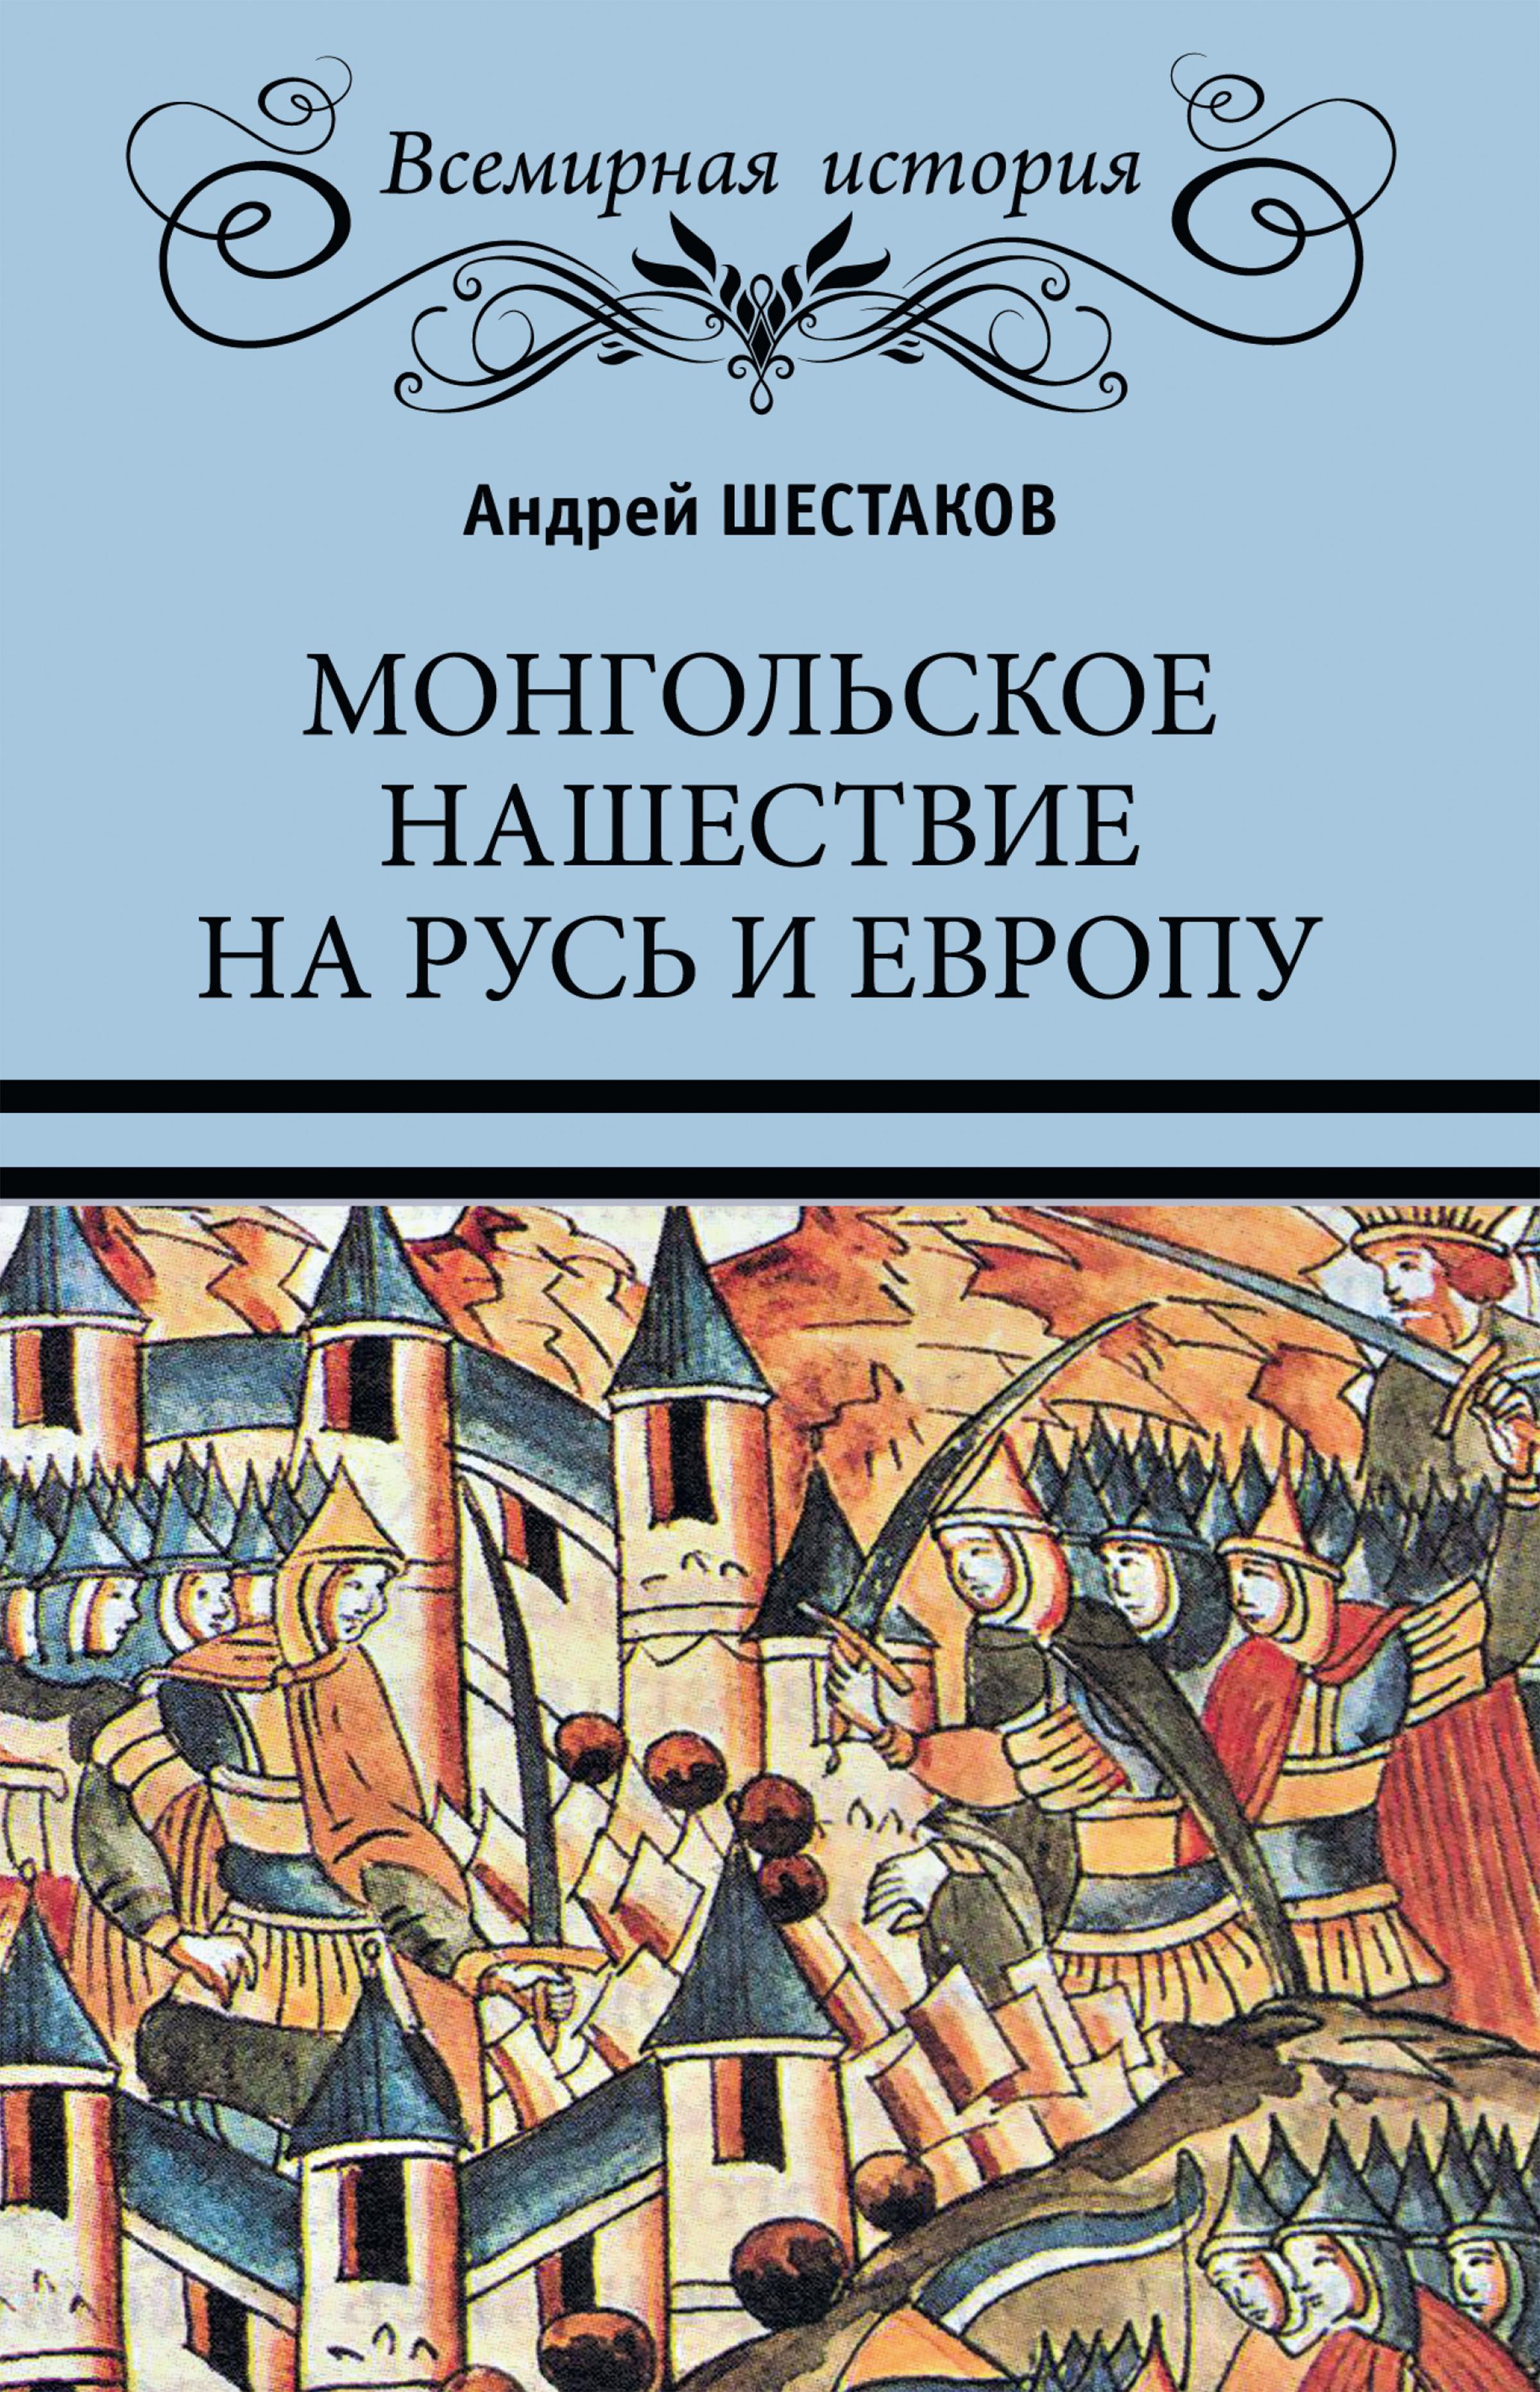 Андрей Шестаков Монгольское нашествие на Русь и Европу андрей шестаков монгольское нашествие на русь и европу